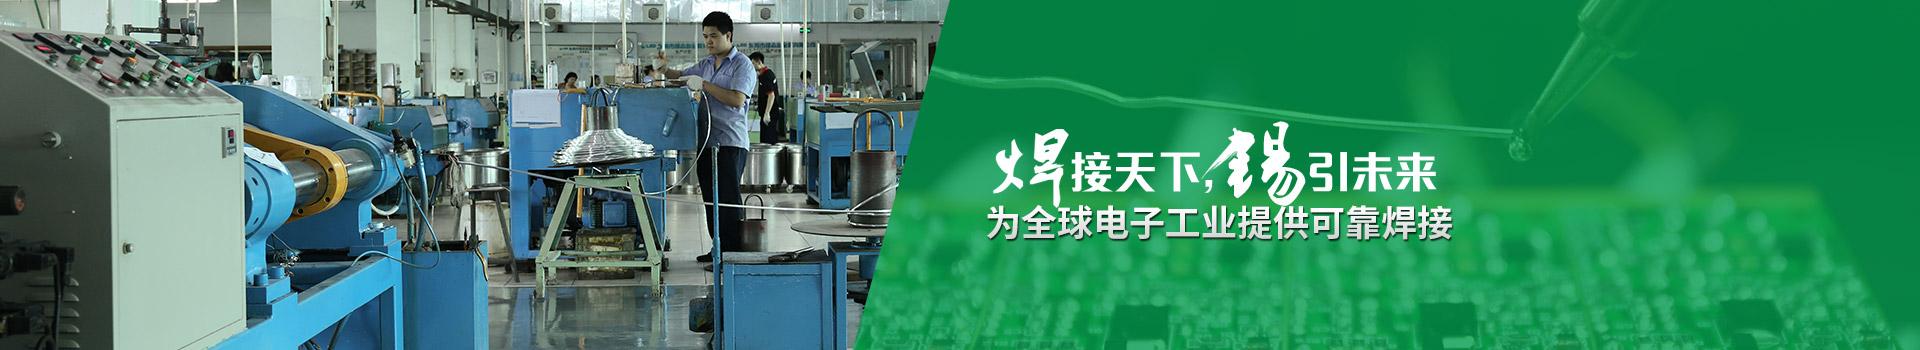 誉胜-焊·接天下,锡·引未来,为全球电子工业提供可靠焊接